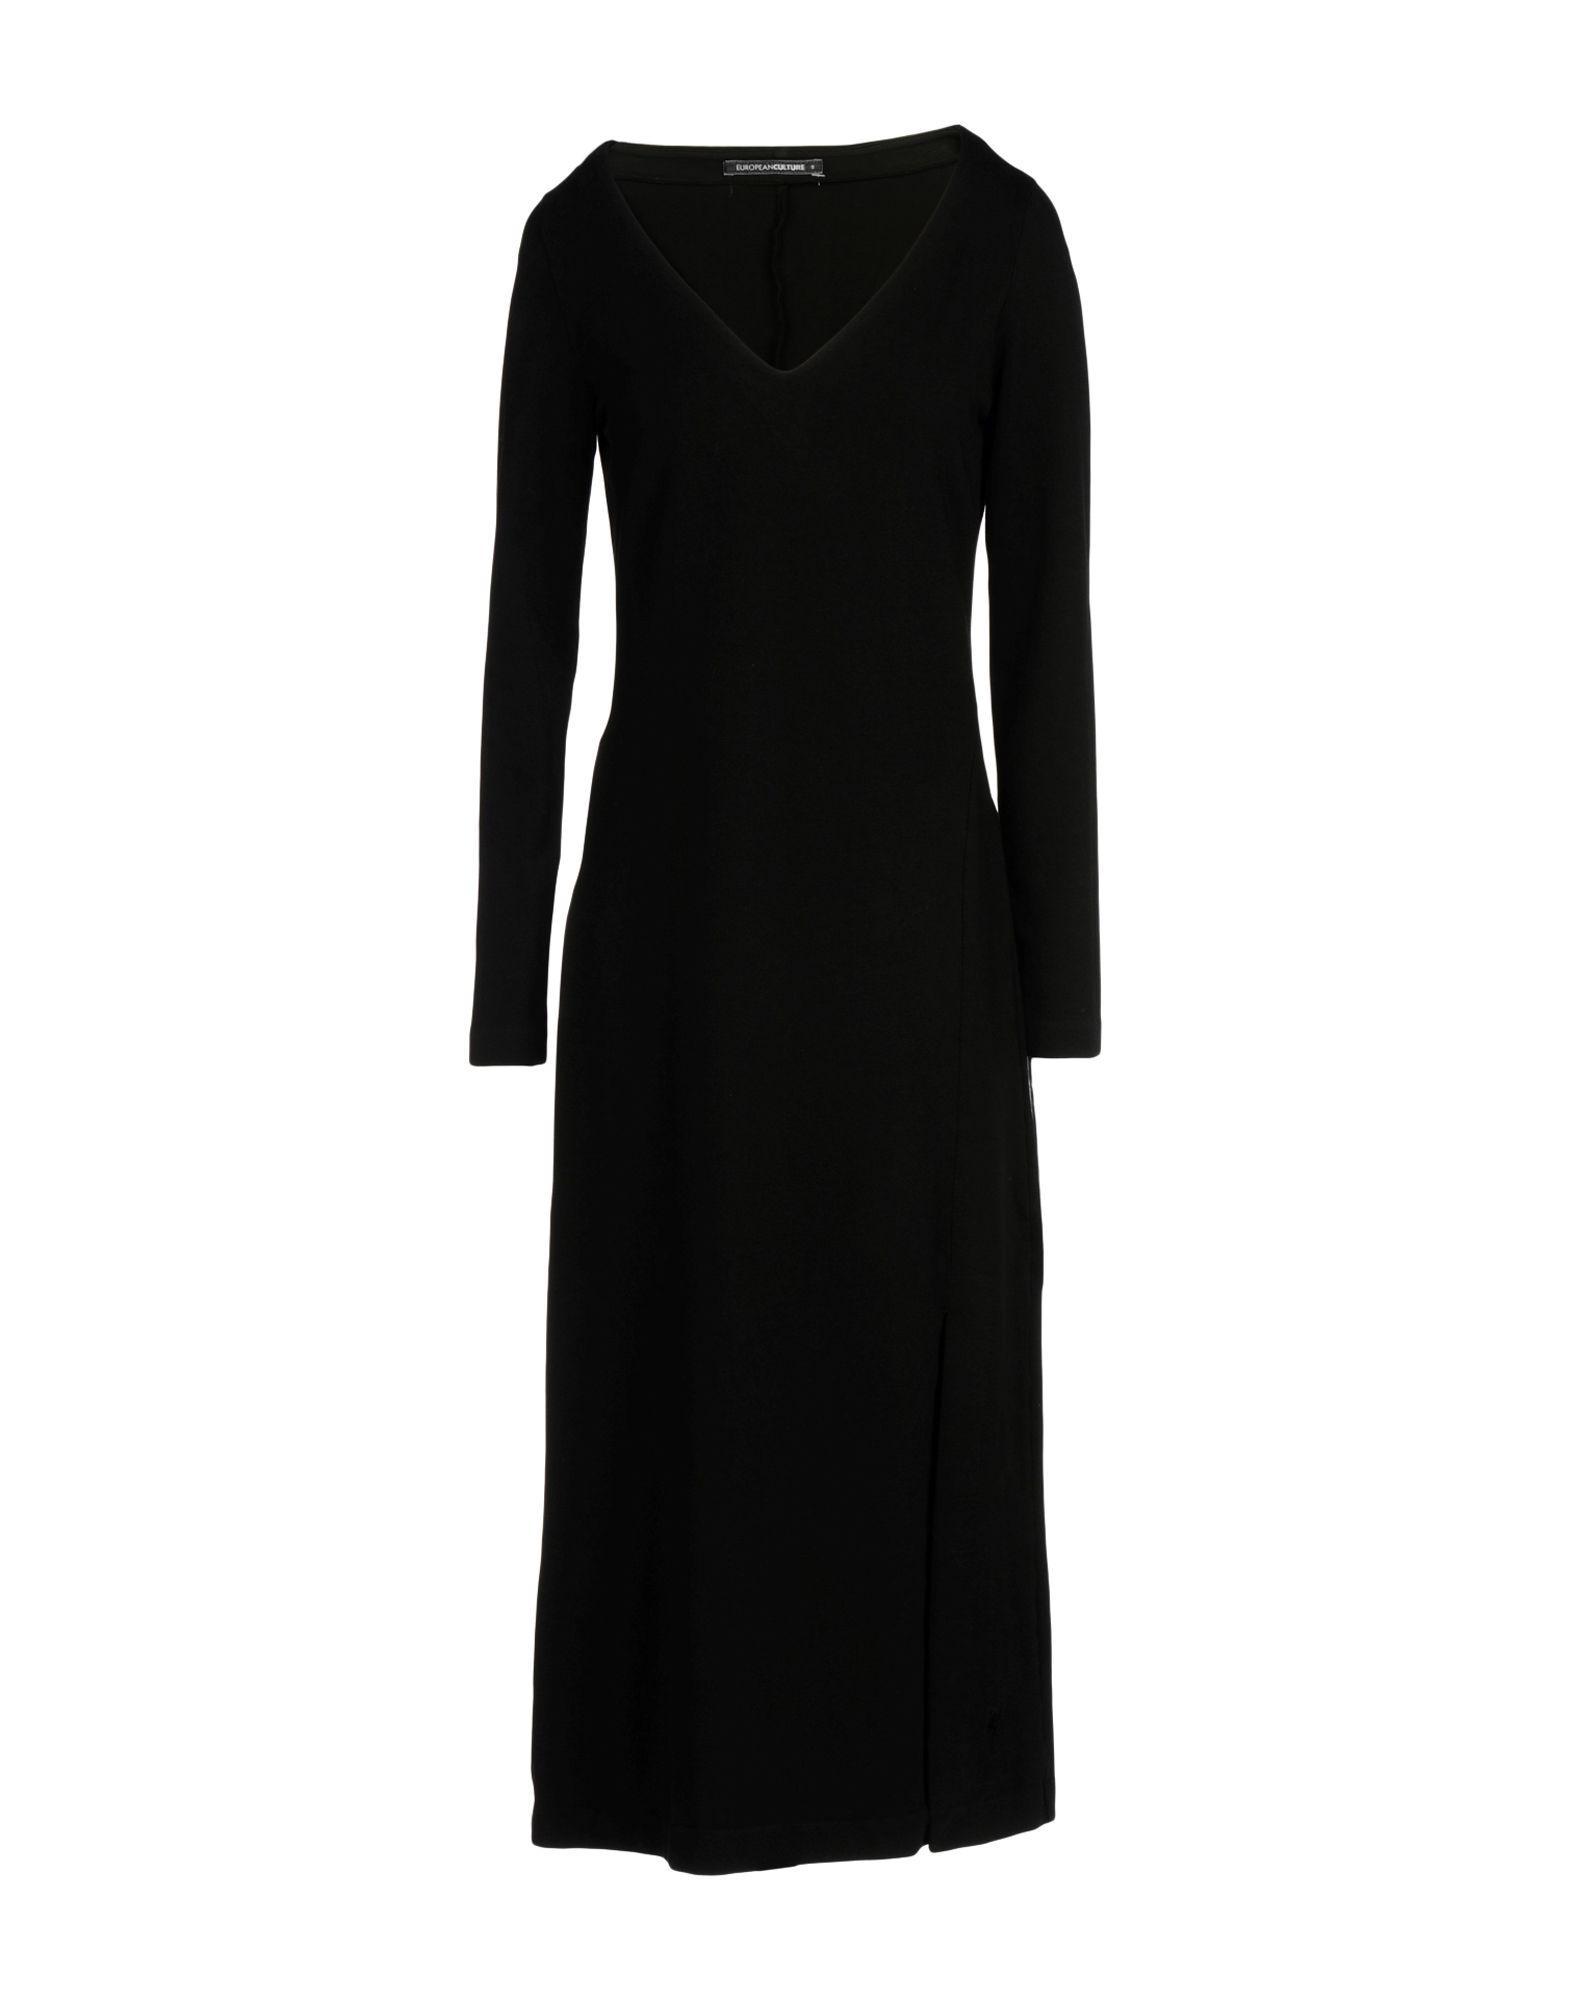 Платье  Серый,Черный цвета